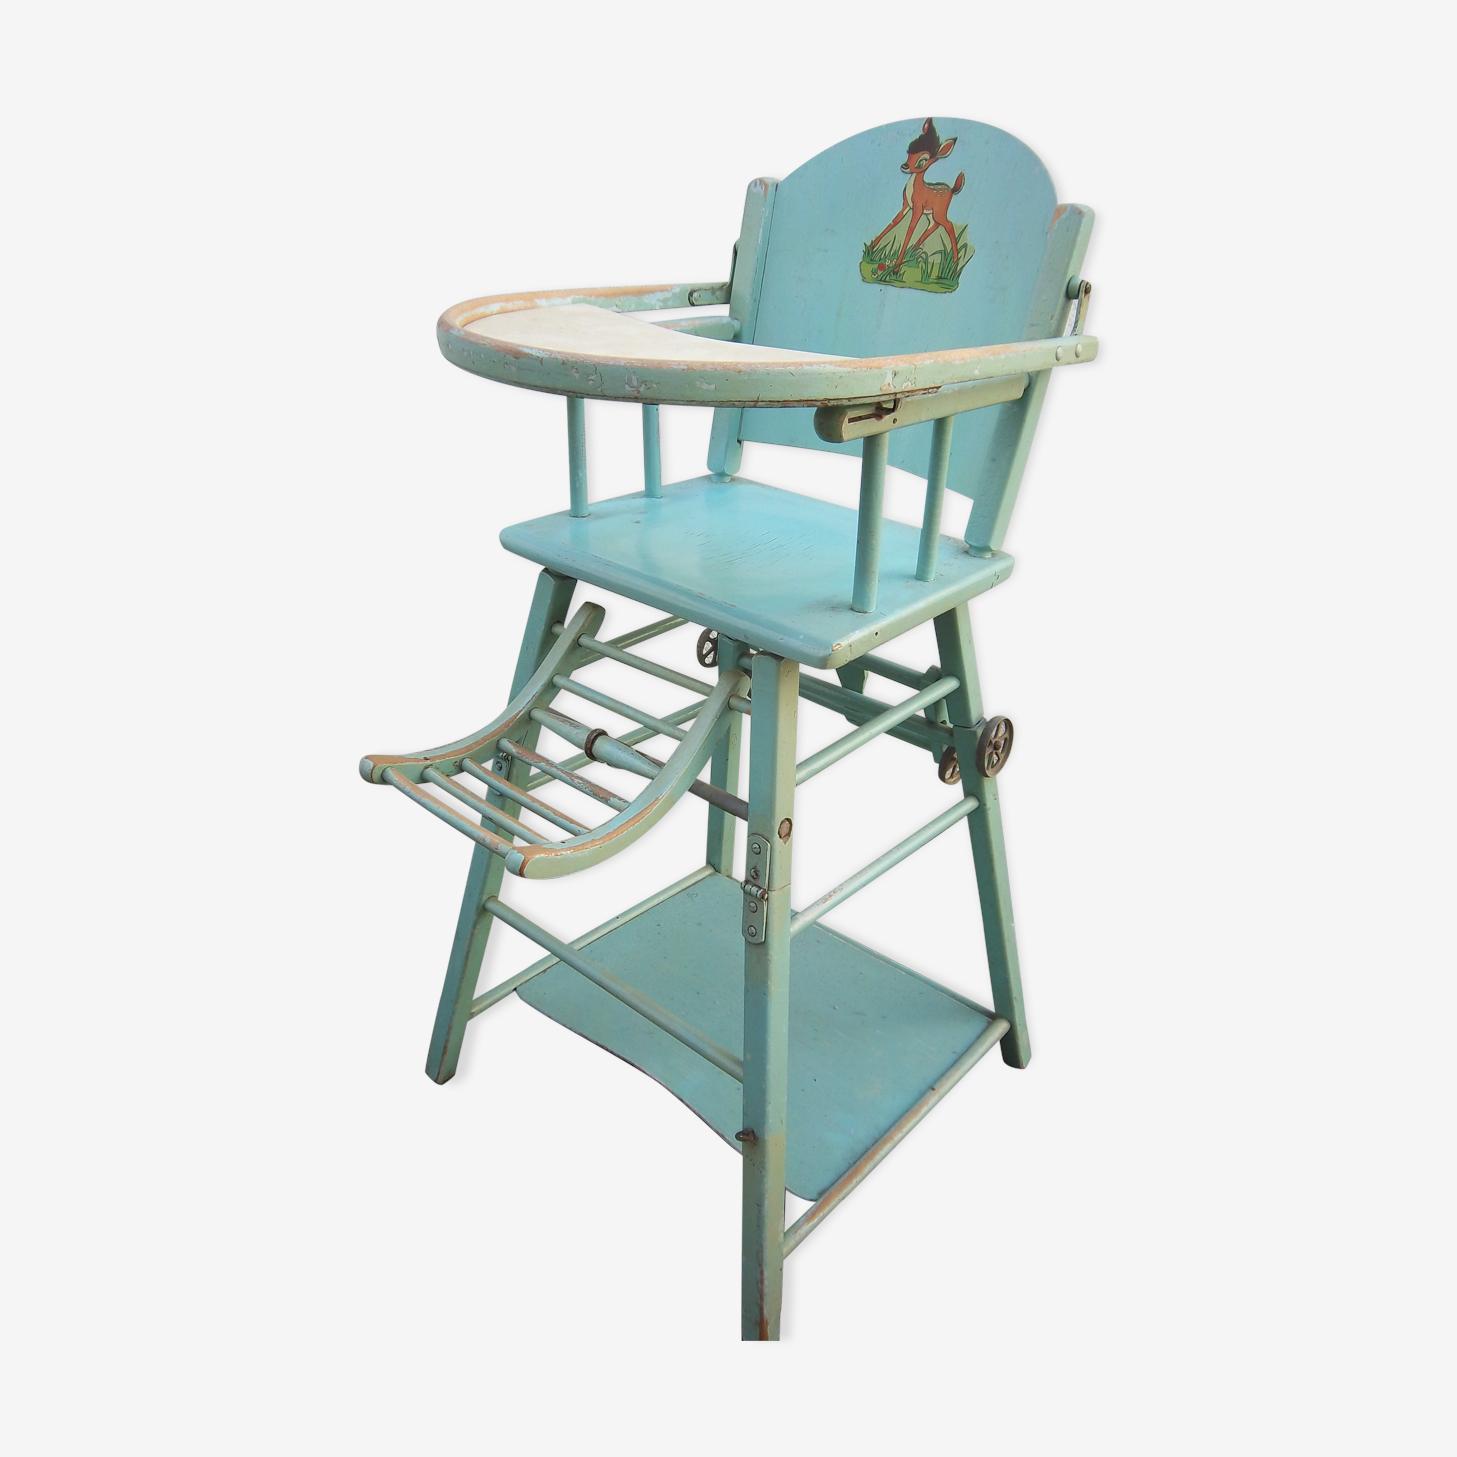 Chaise haute en bois pour bébé de 1950/1960 dans son jus